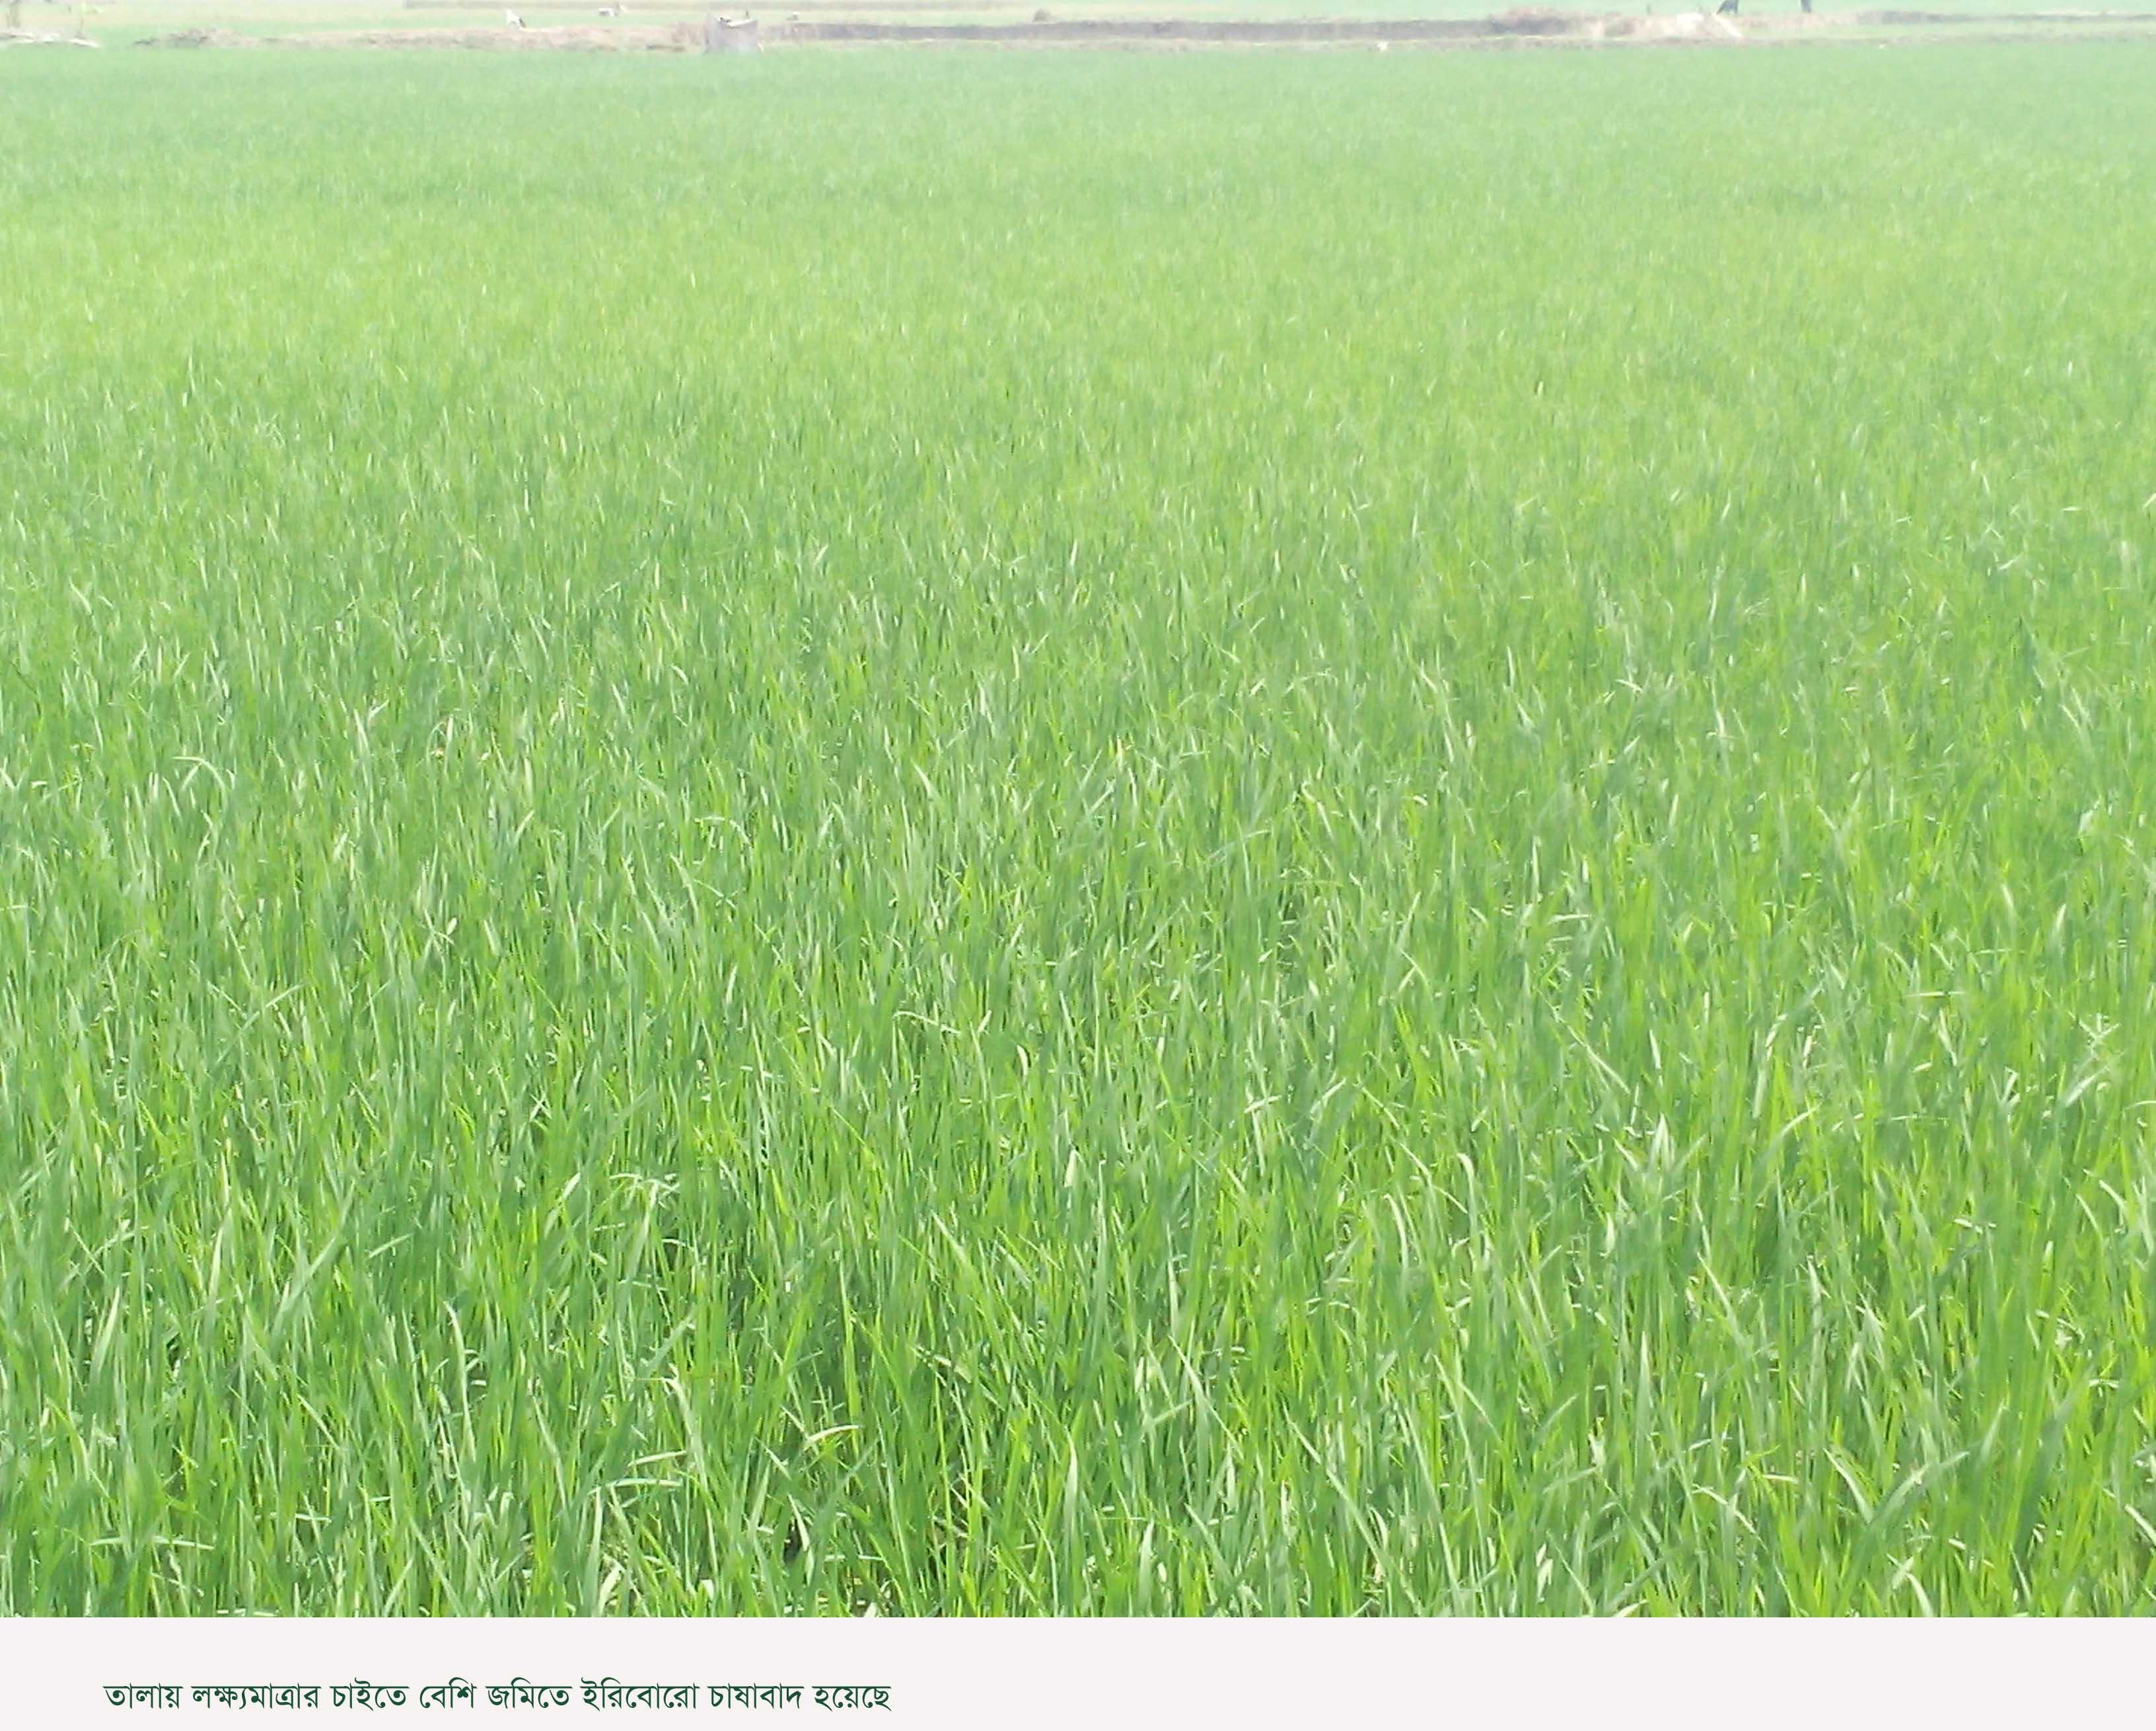 বাম্পার ফলনের সম্ভবনা: তালায় লক্ষ্য মাত্রার চাইতে বেশী জমিতে ইরি বোরো চাষাবাদ